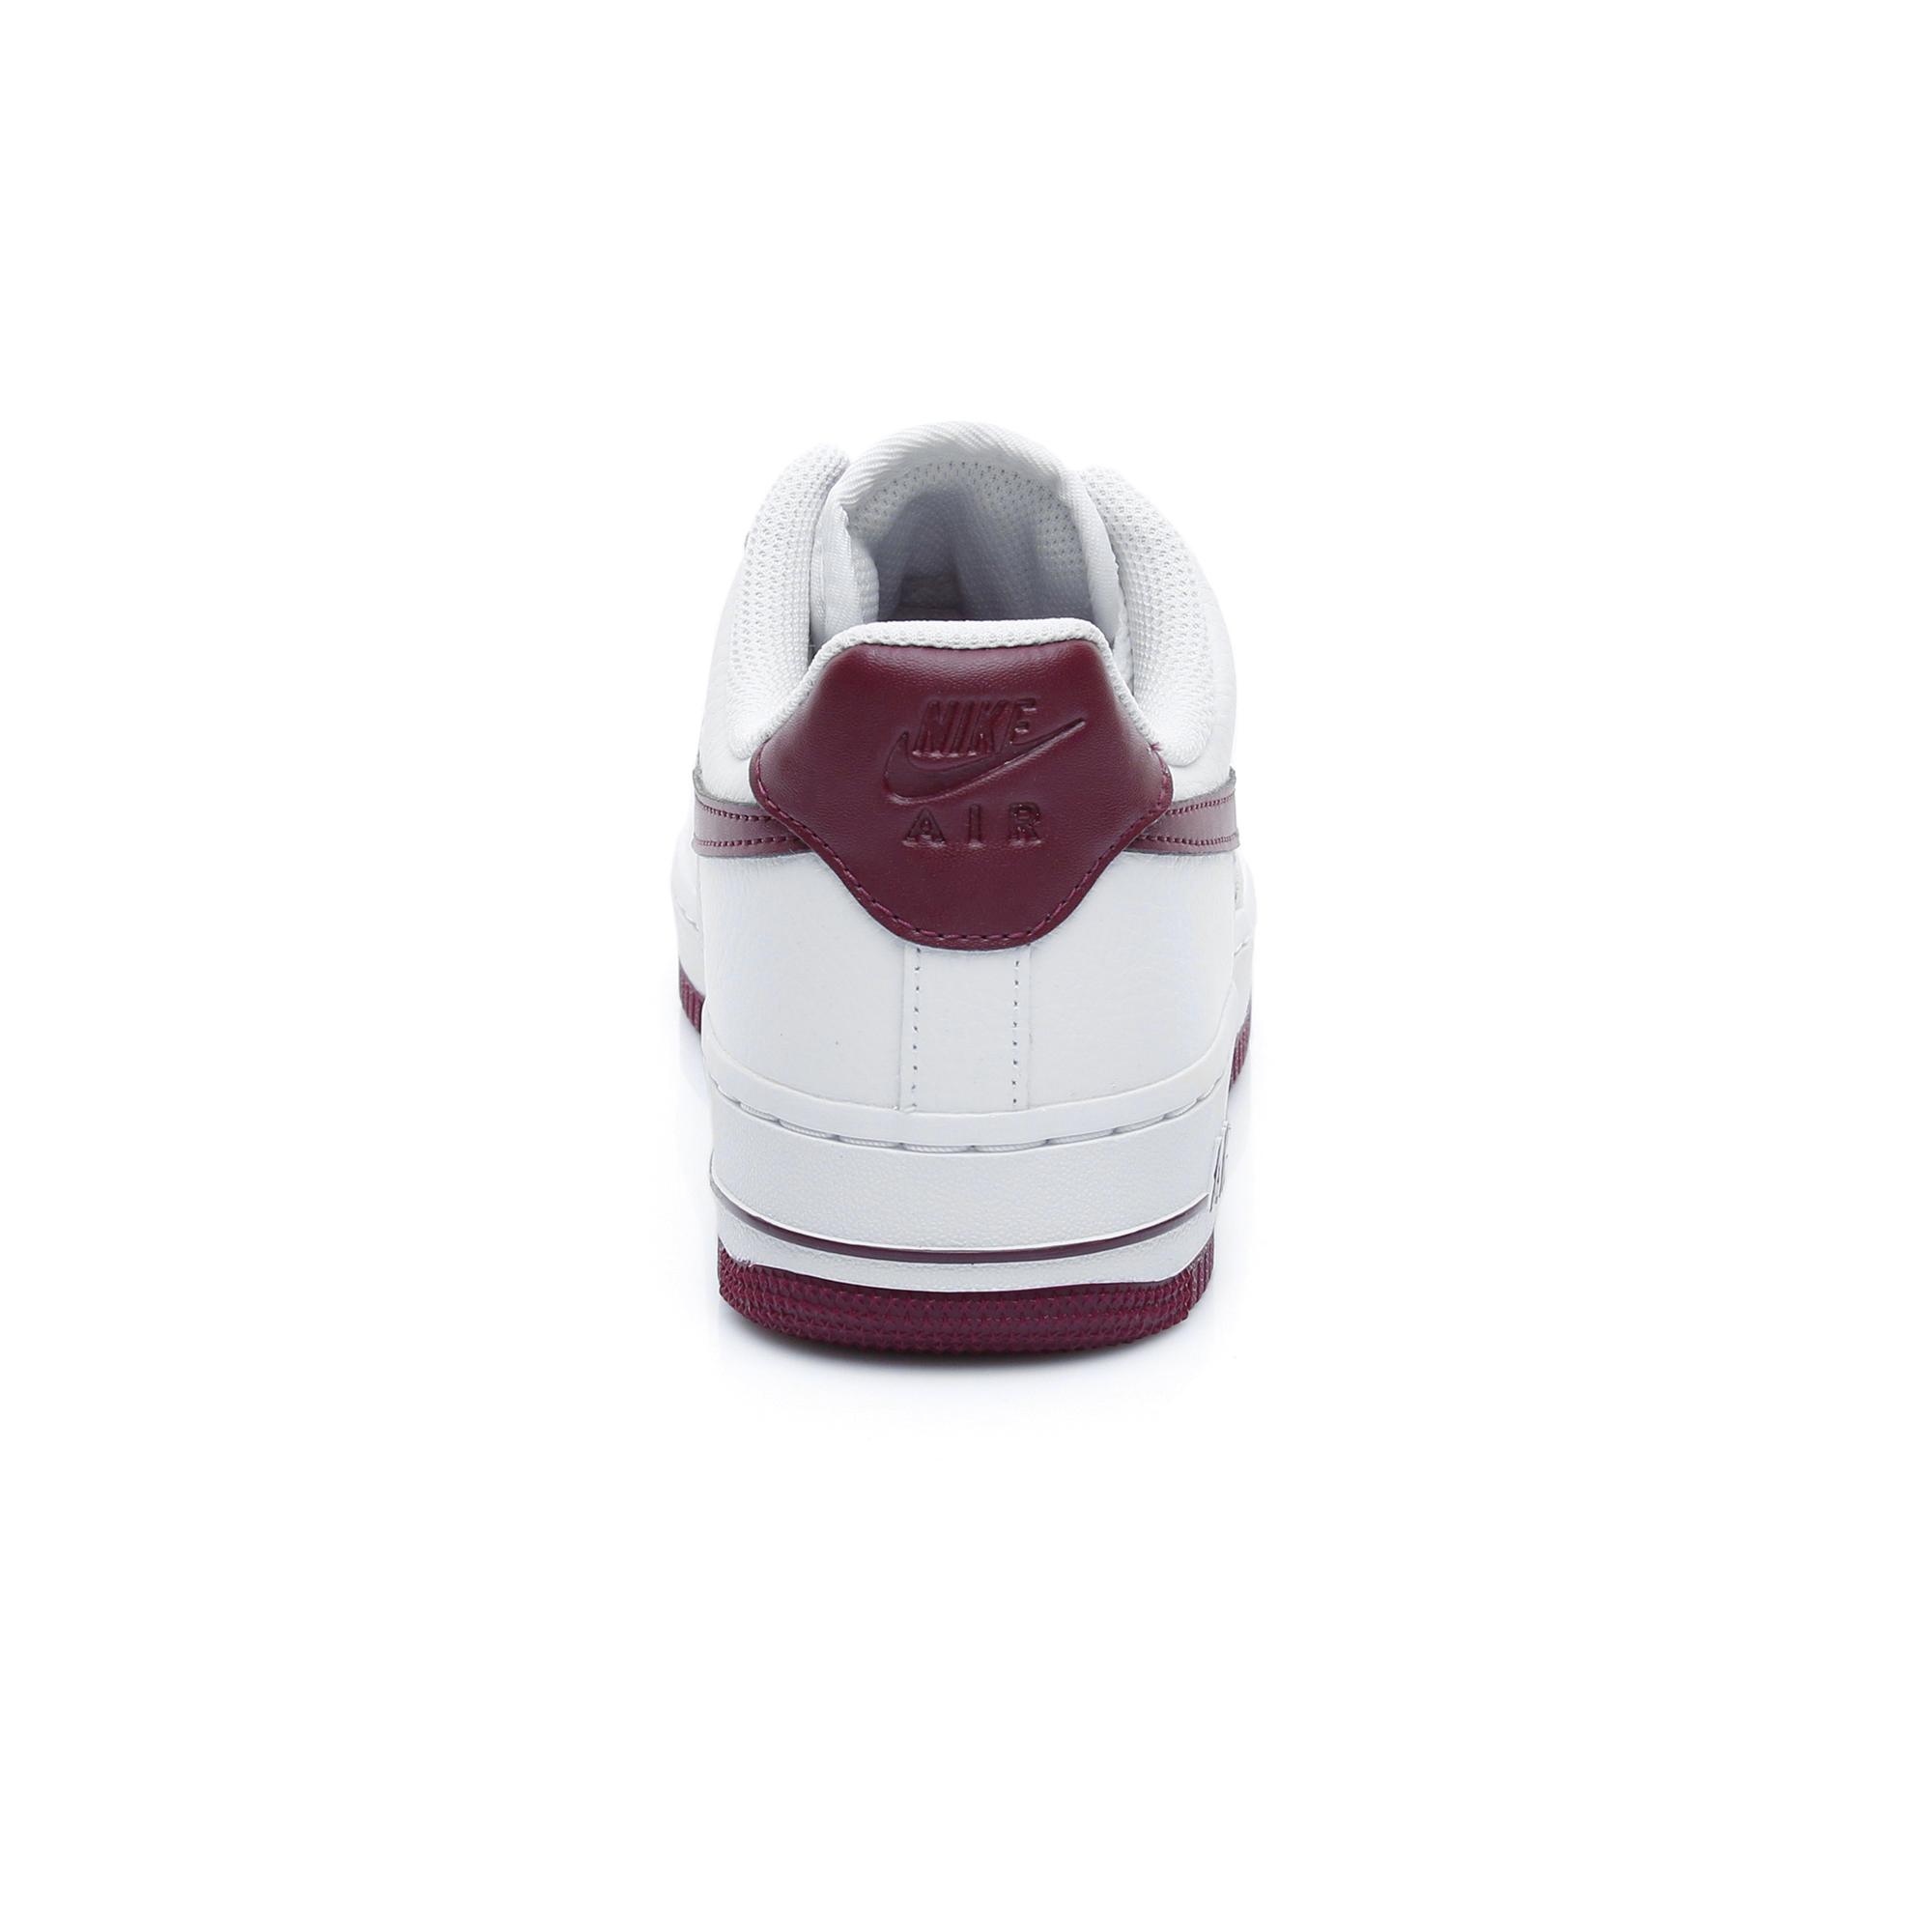 Nike Air Force 1 '07 Patent Kadın Beyaz Spor Ayakkabı